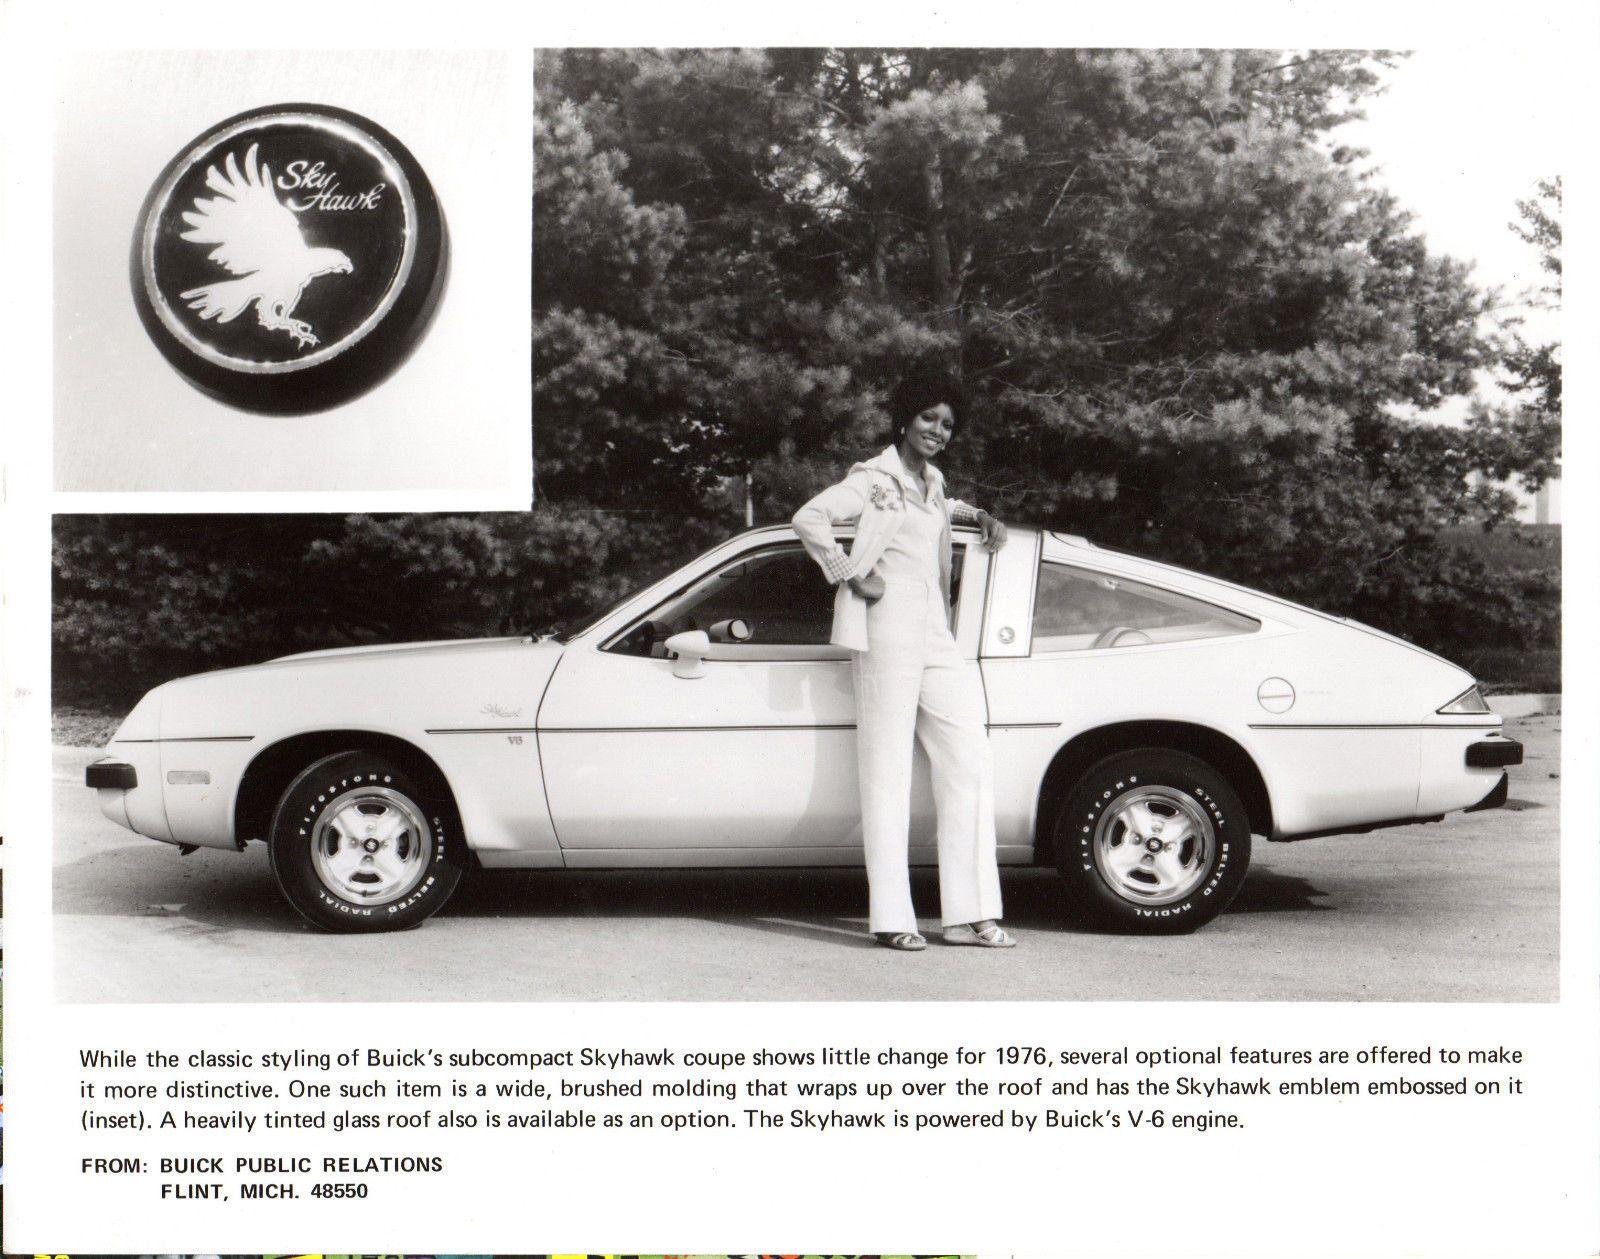 Skyhawk Buick Skyhawk Buick Luxury Branding